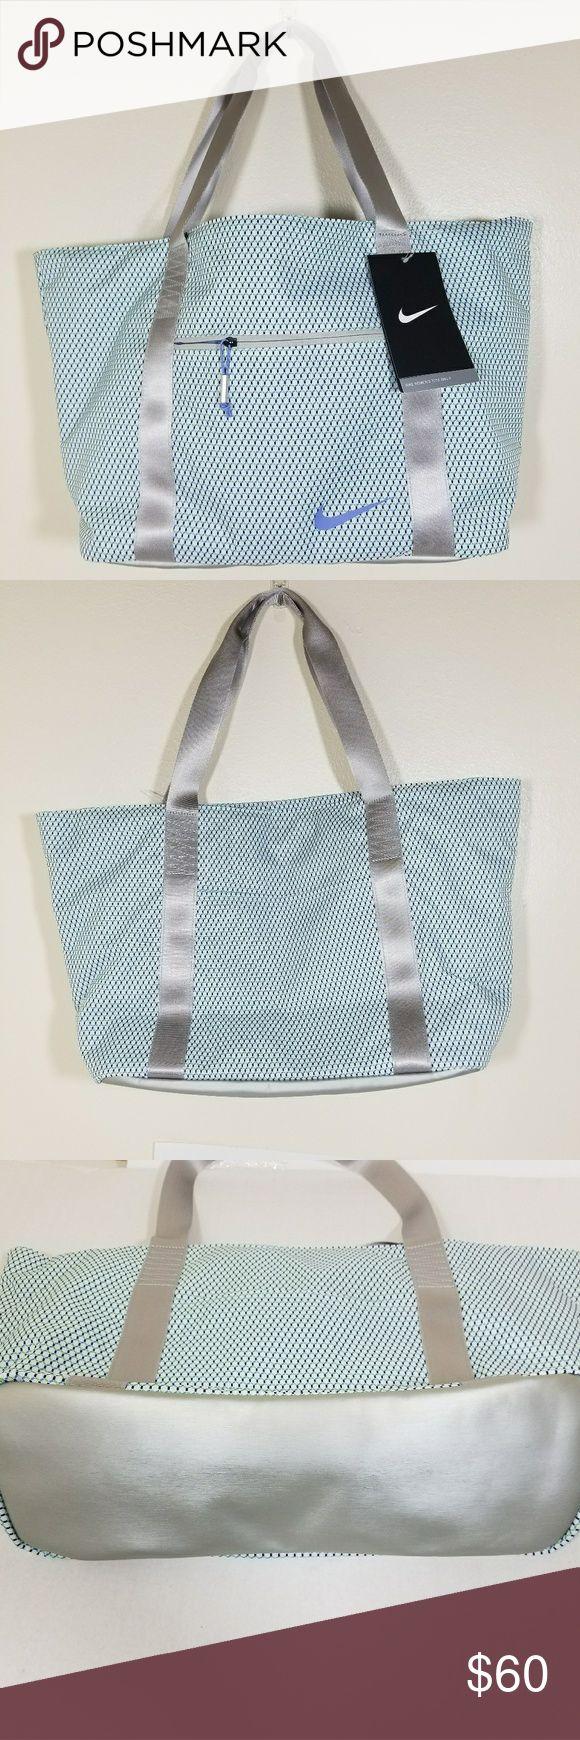 Nike tote bag ii golf women's New with tags Smoke free &pet free home Nike Bags Totes